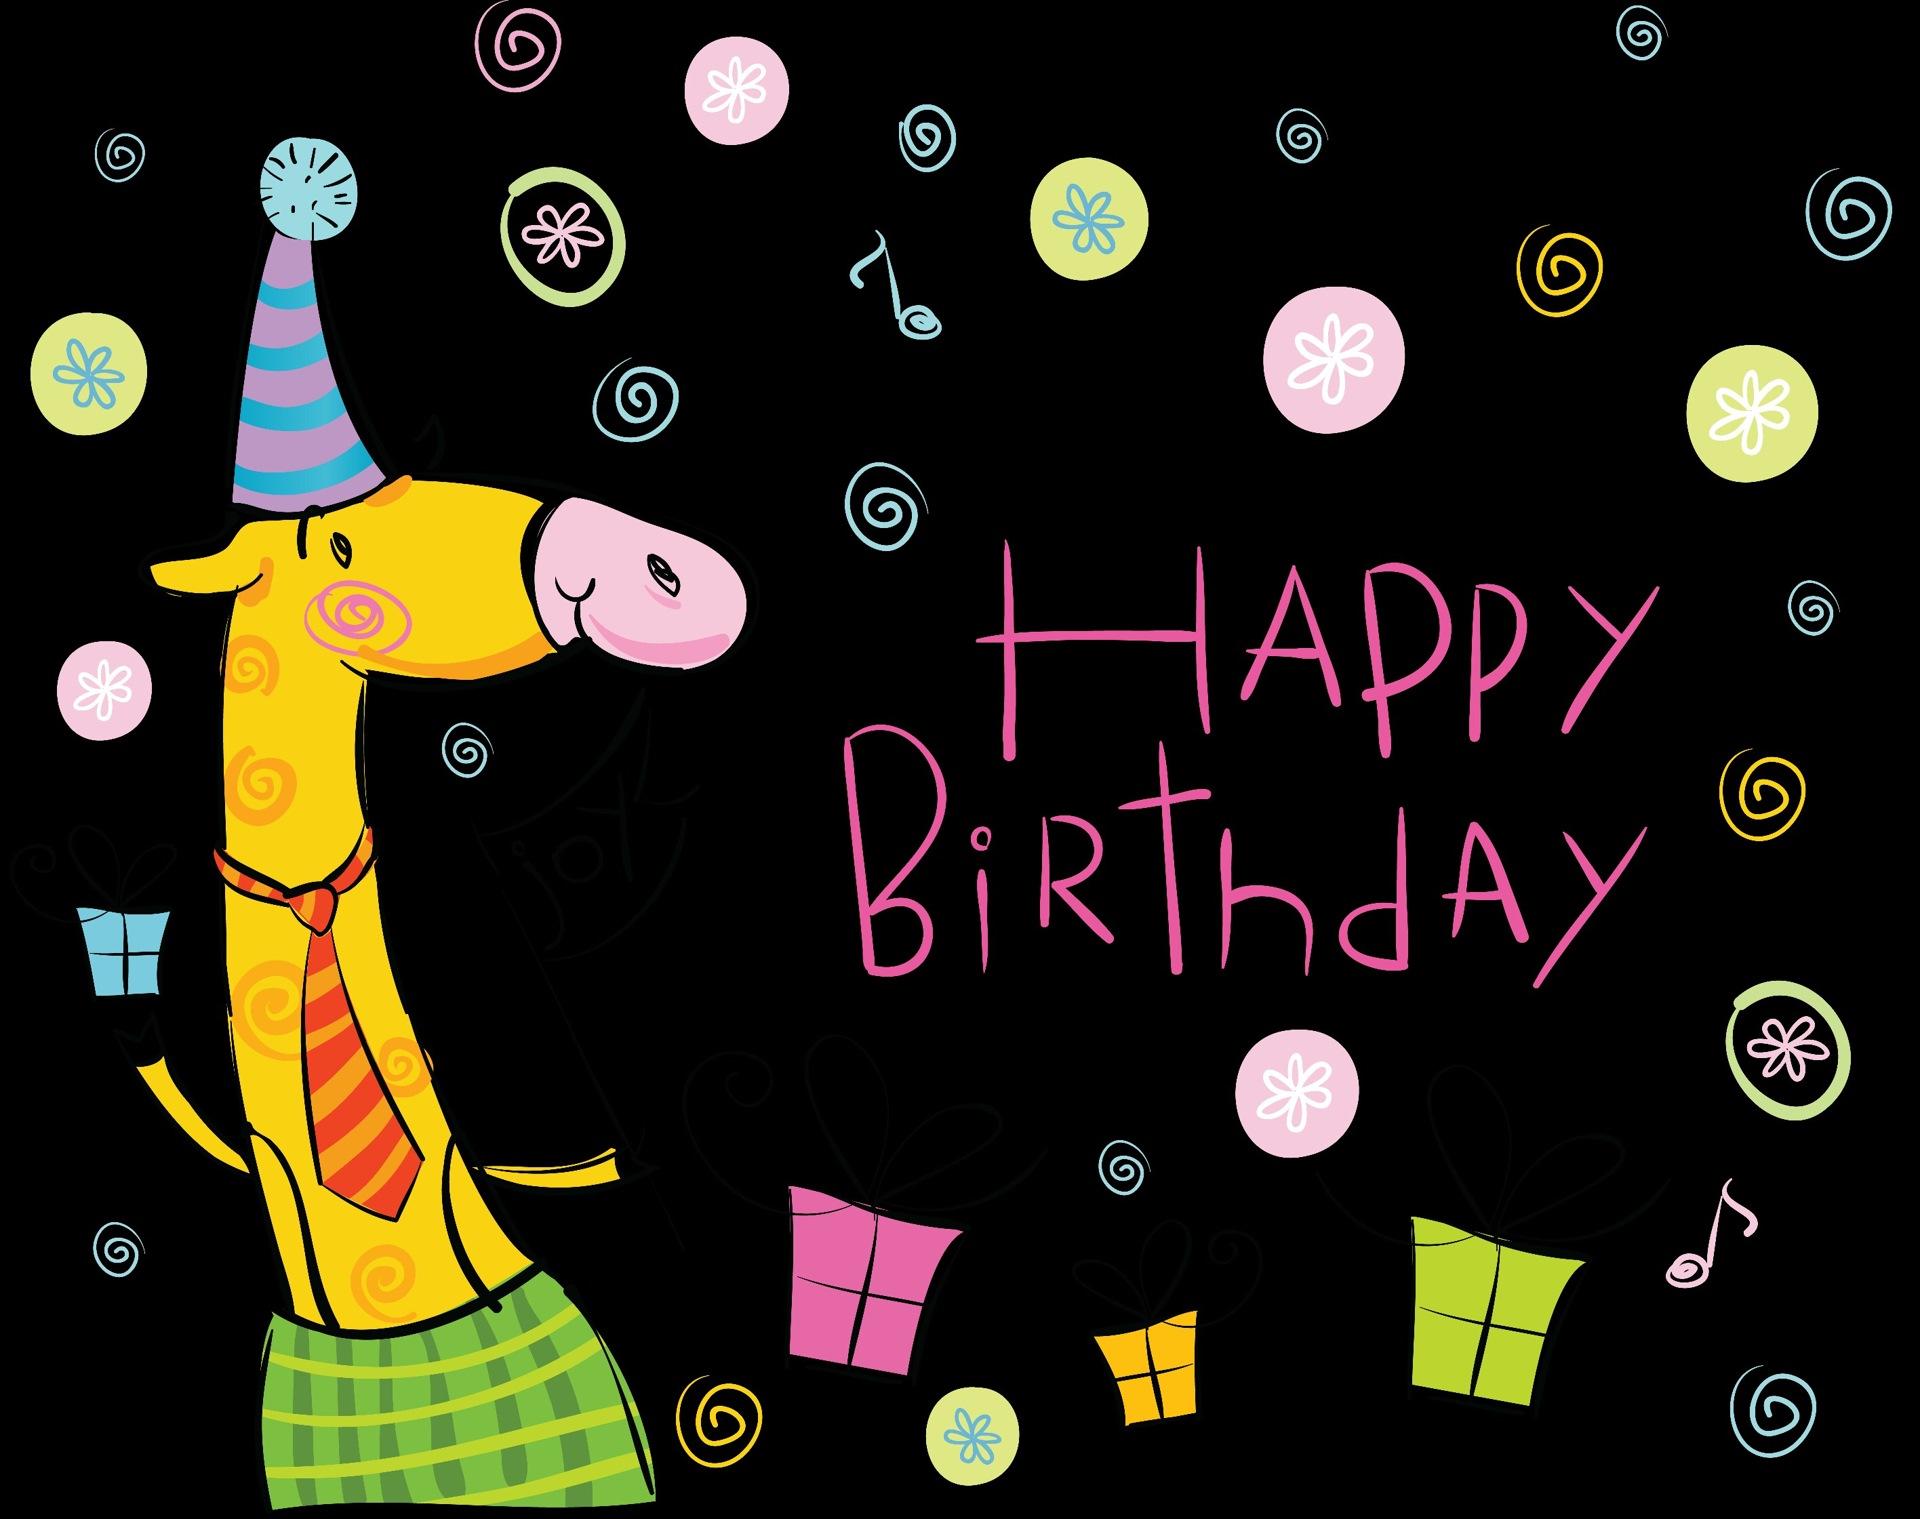 Поздравление с днем рождения прикольный смотреть онлайн